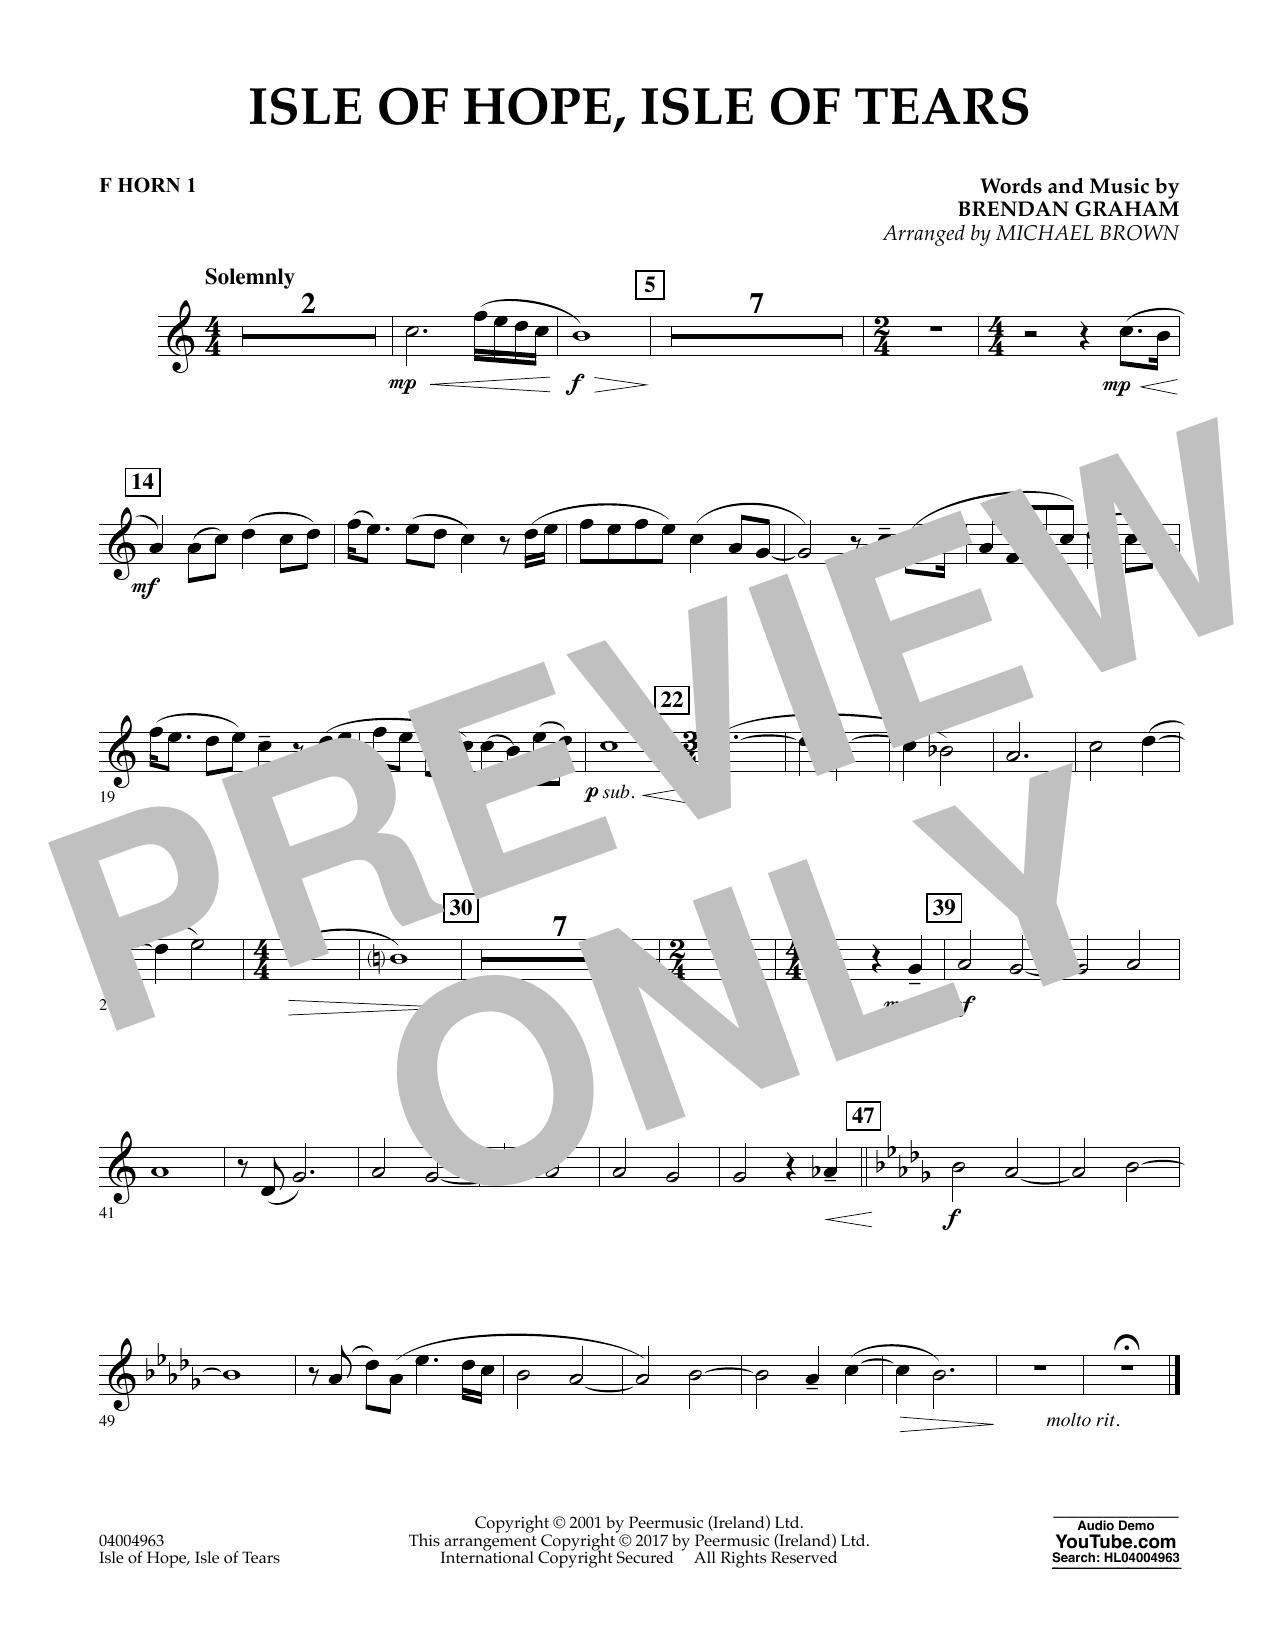 Isle of Hope, Isle of Tears - F Horn 1 Sheet Music